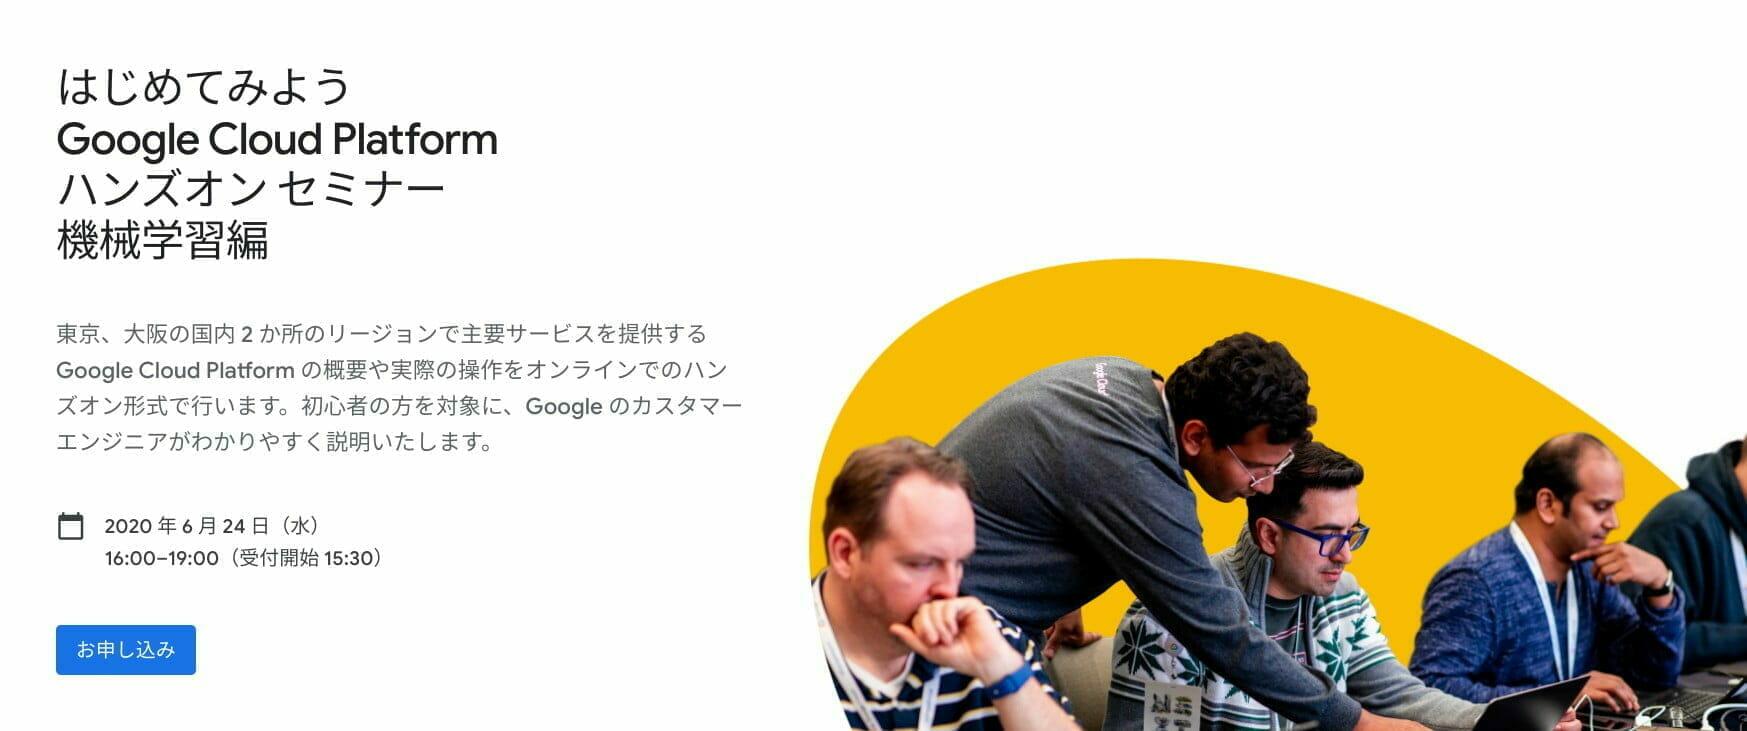 はじめてみよう Google Cloud Platform ハンズオン セミナー 機械学習編